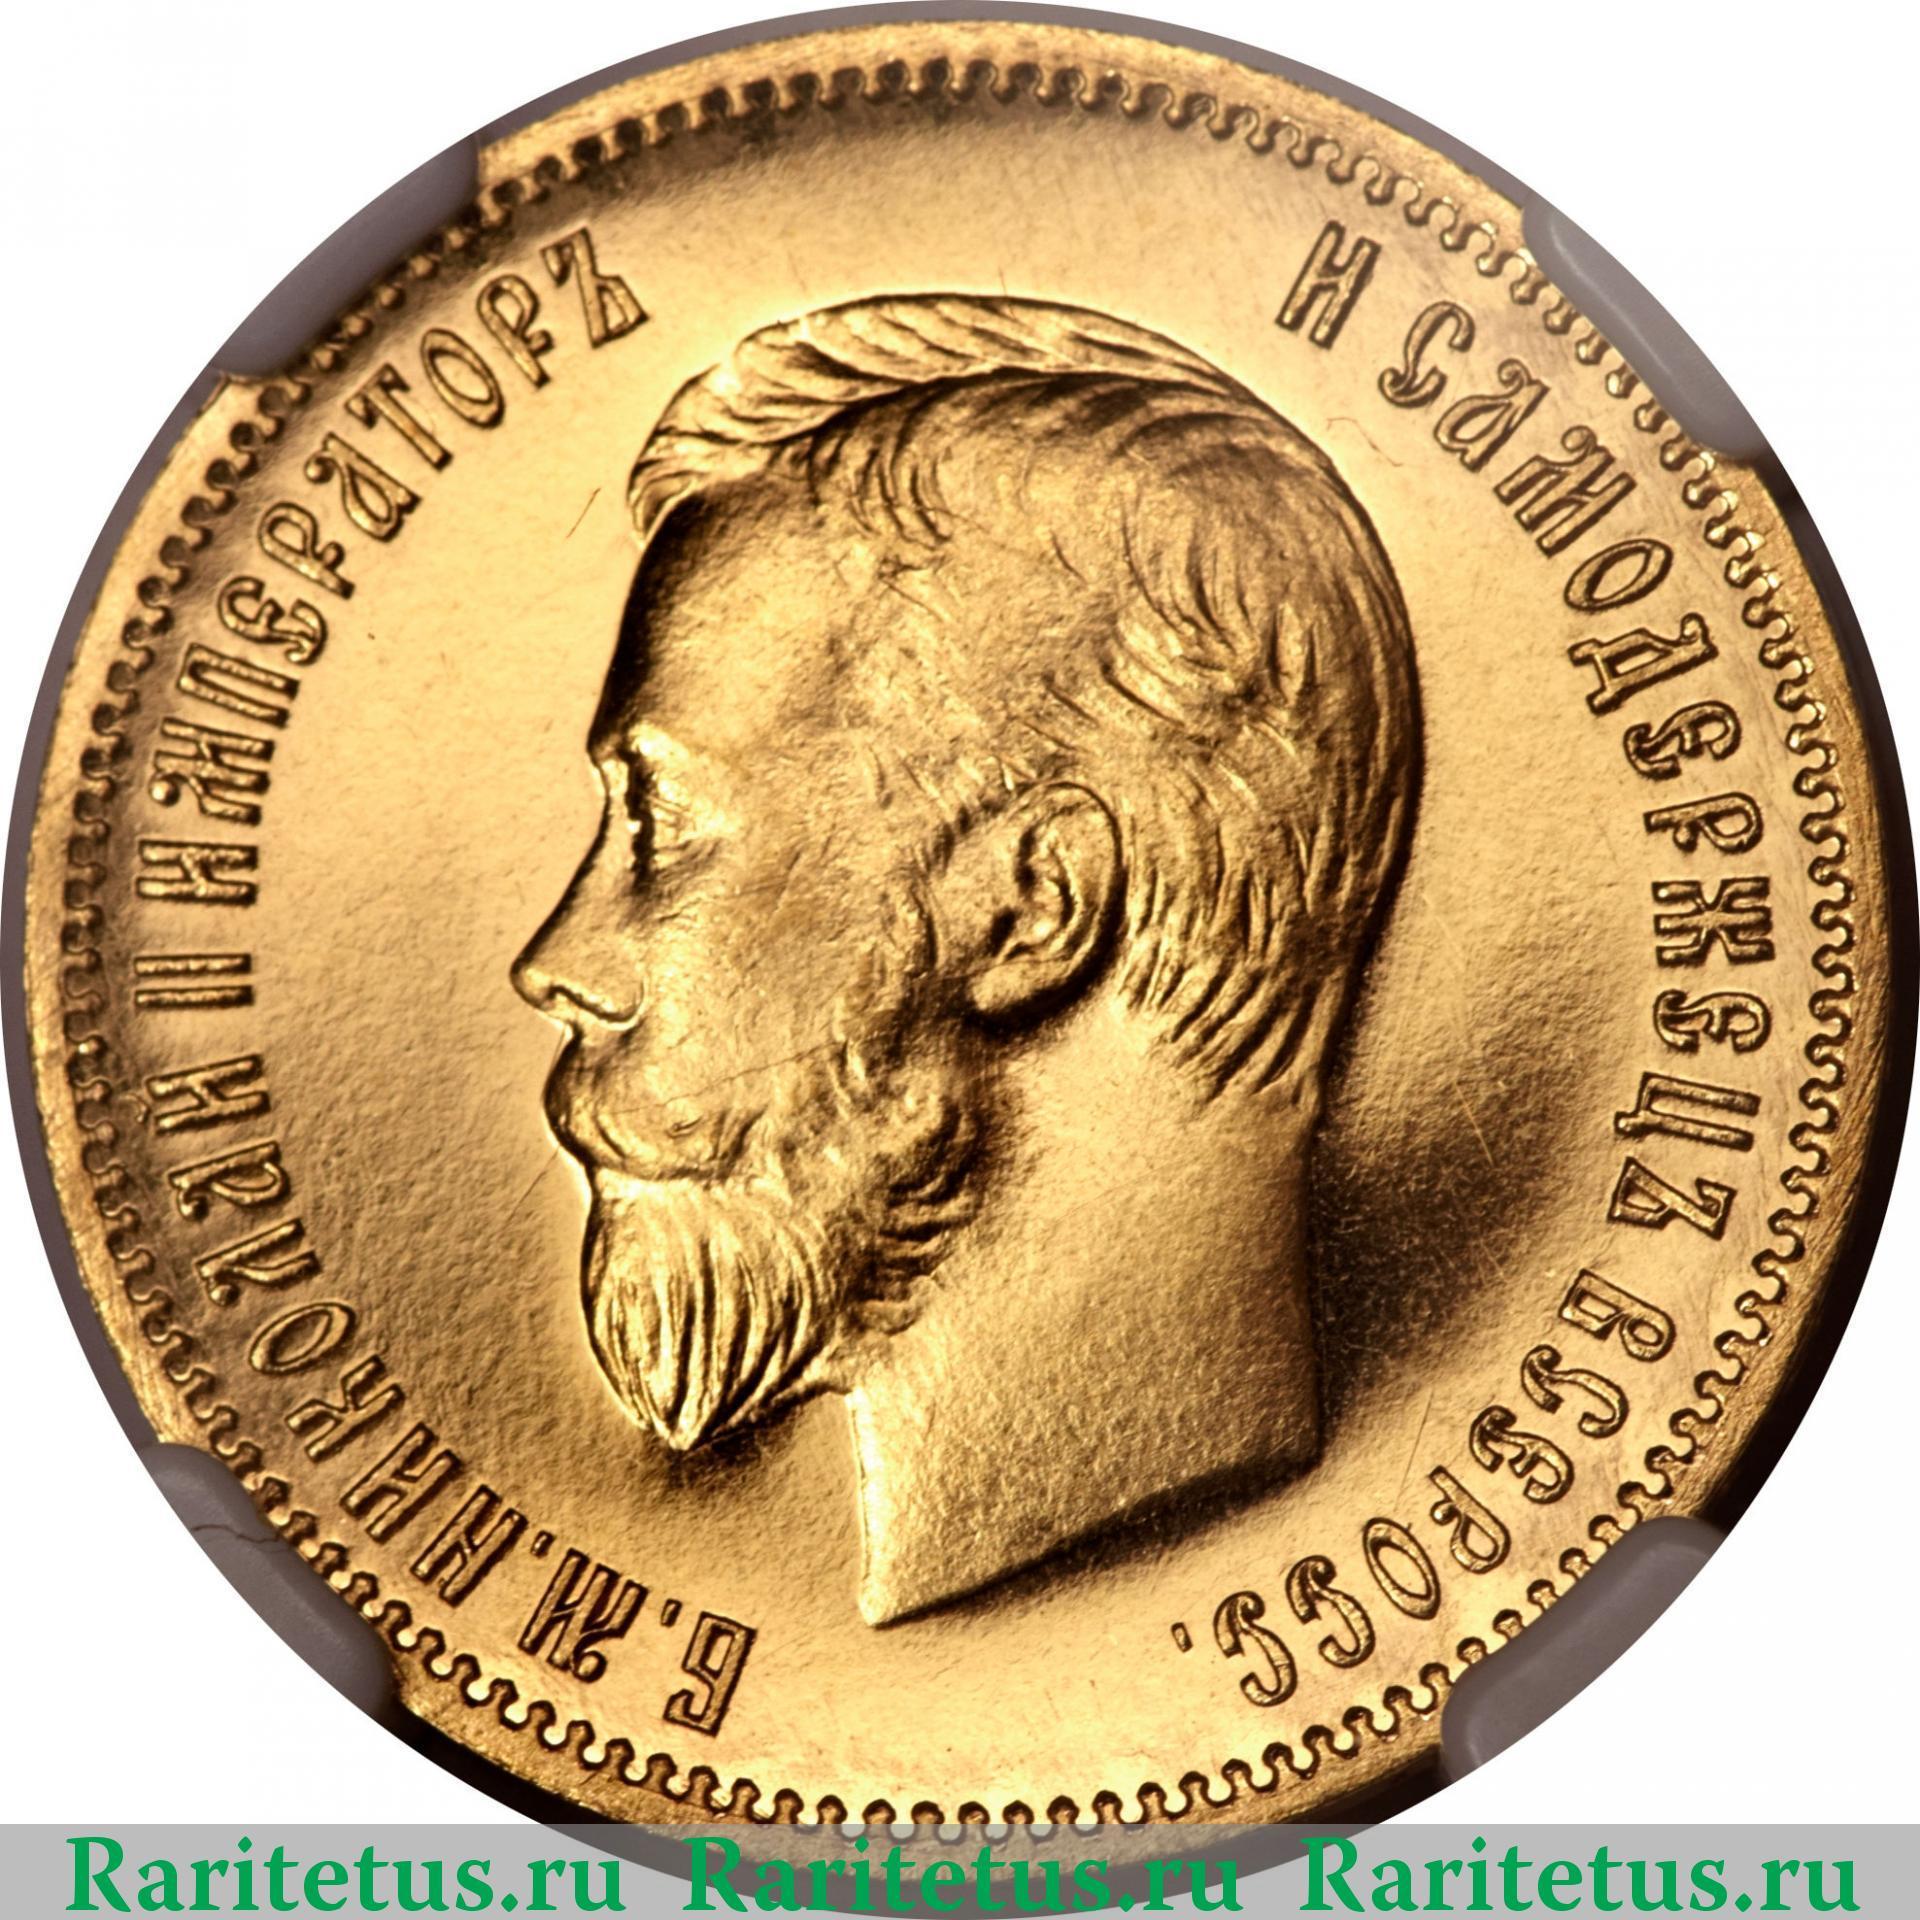 10 руб монета царская монета 5 коп 1945 года цена